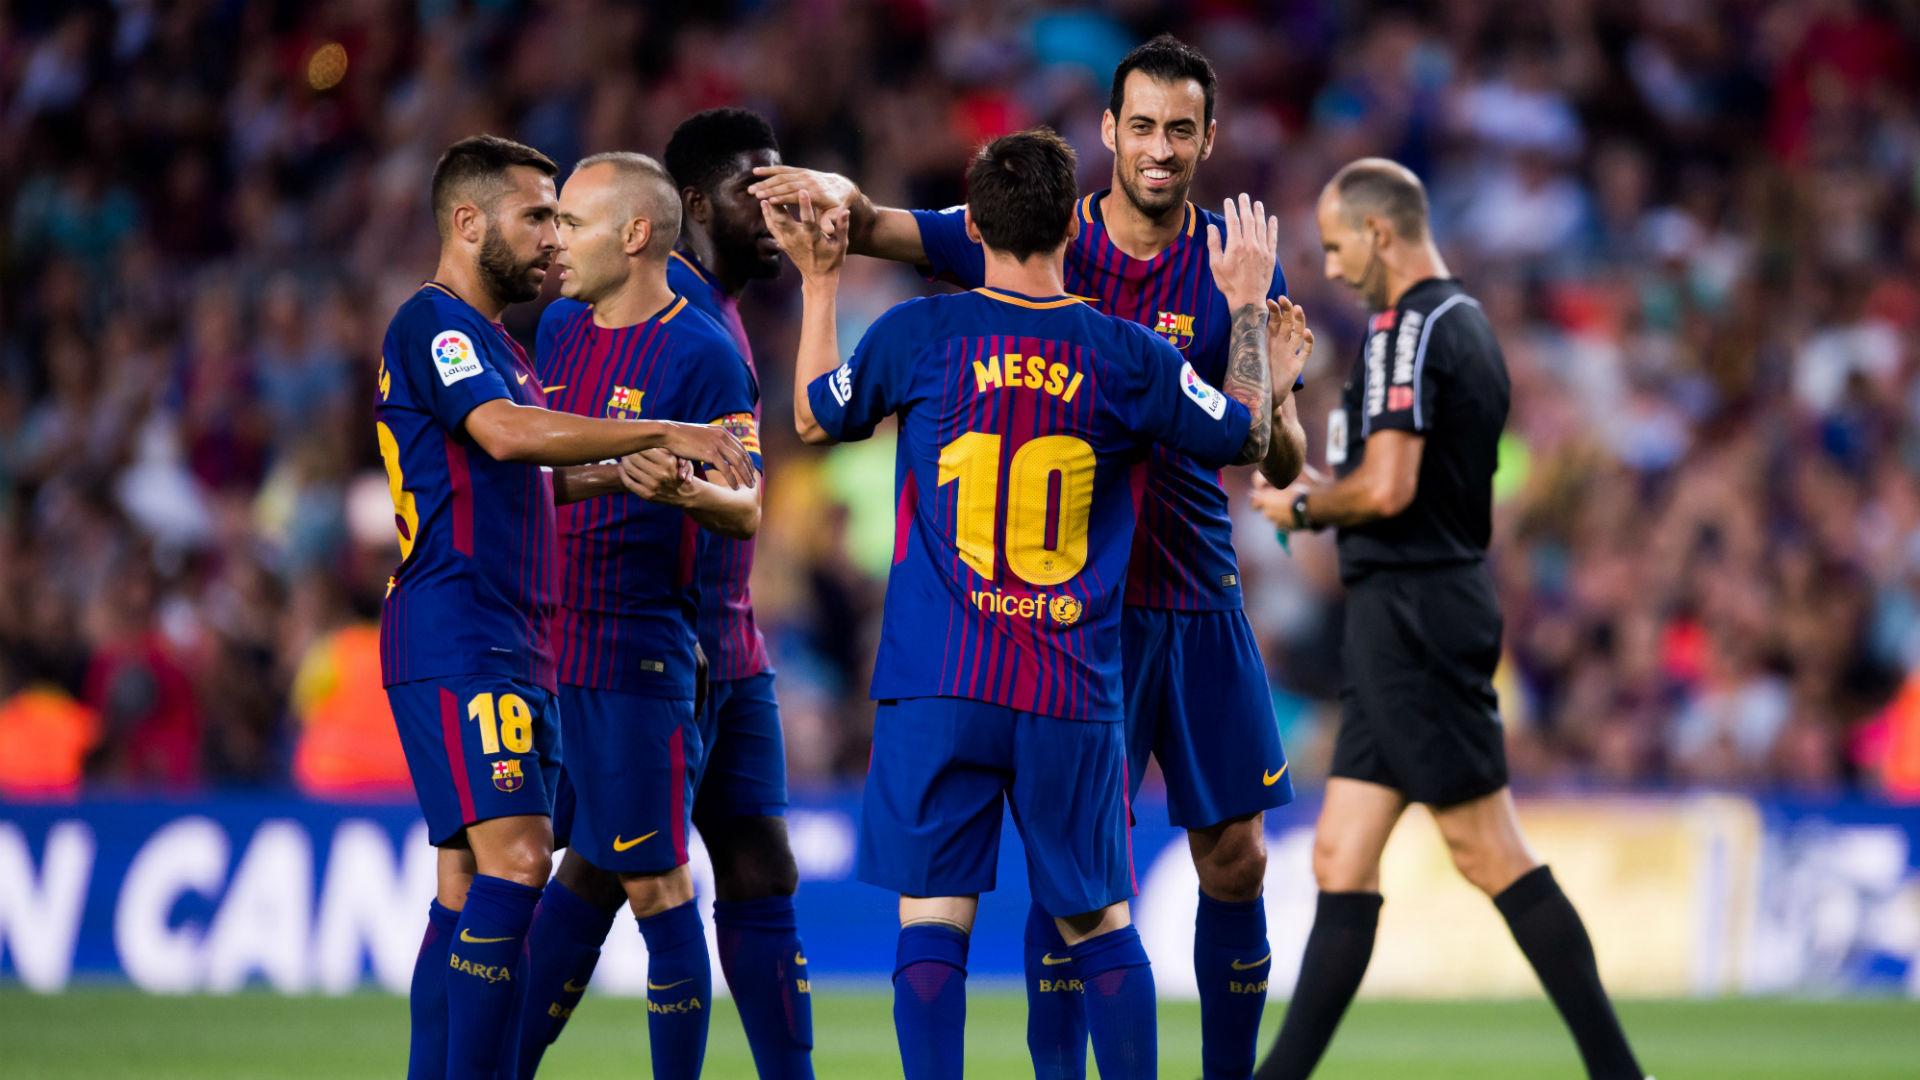 Barcelona mira contratação do argentino Di Maria, diz jornal espanhol